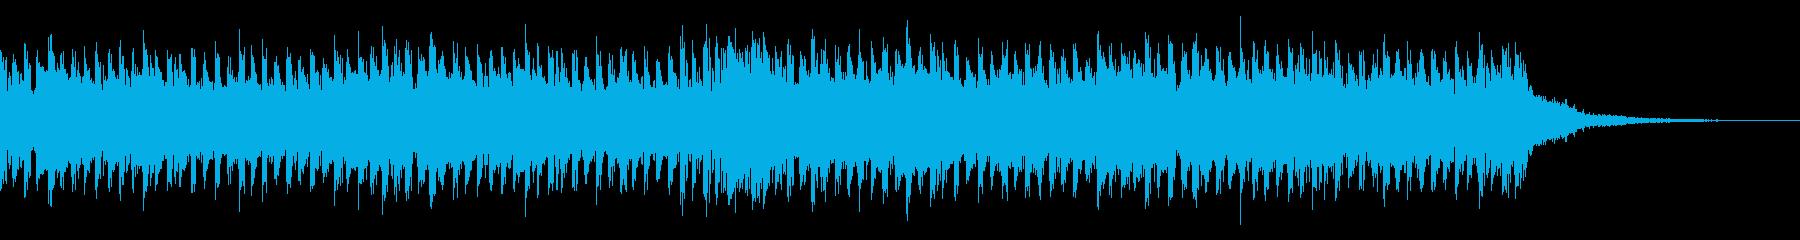 始まりや終わりを告げる勇壮なテクノ30秒の再生済みの波形